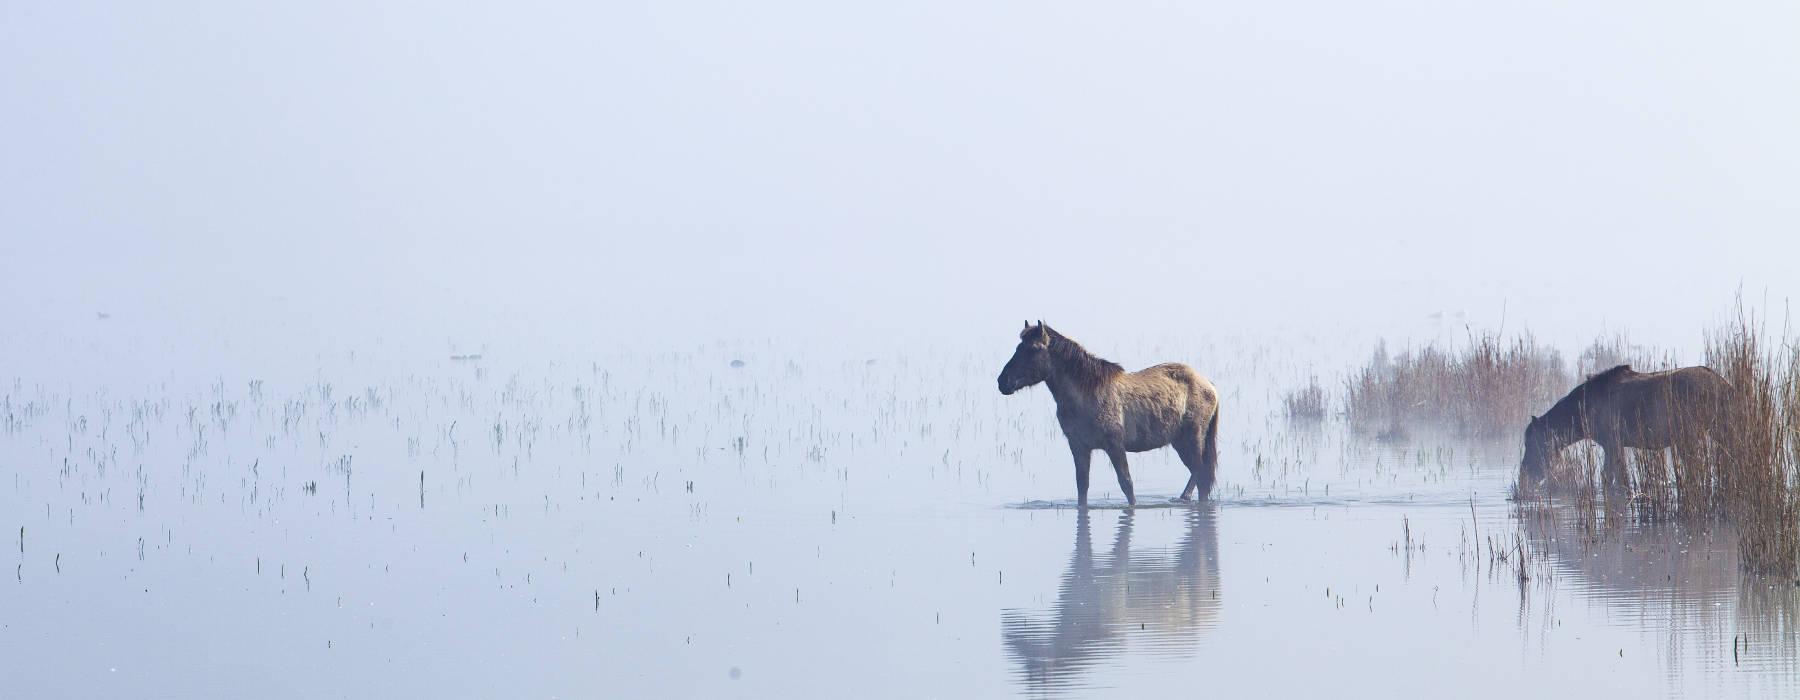 Nijs Gemeente Noardeast-Fryslan - Hynders yn mist